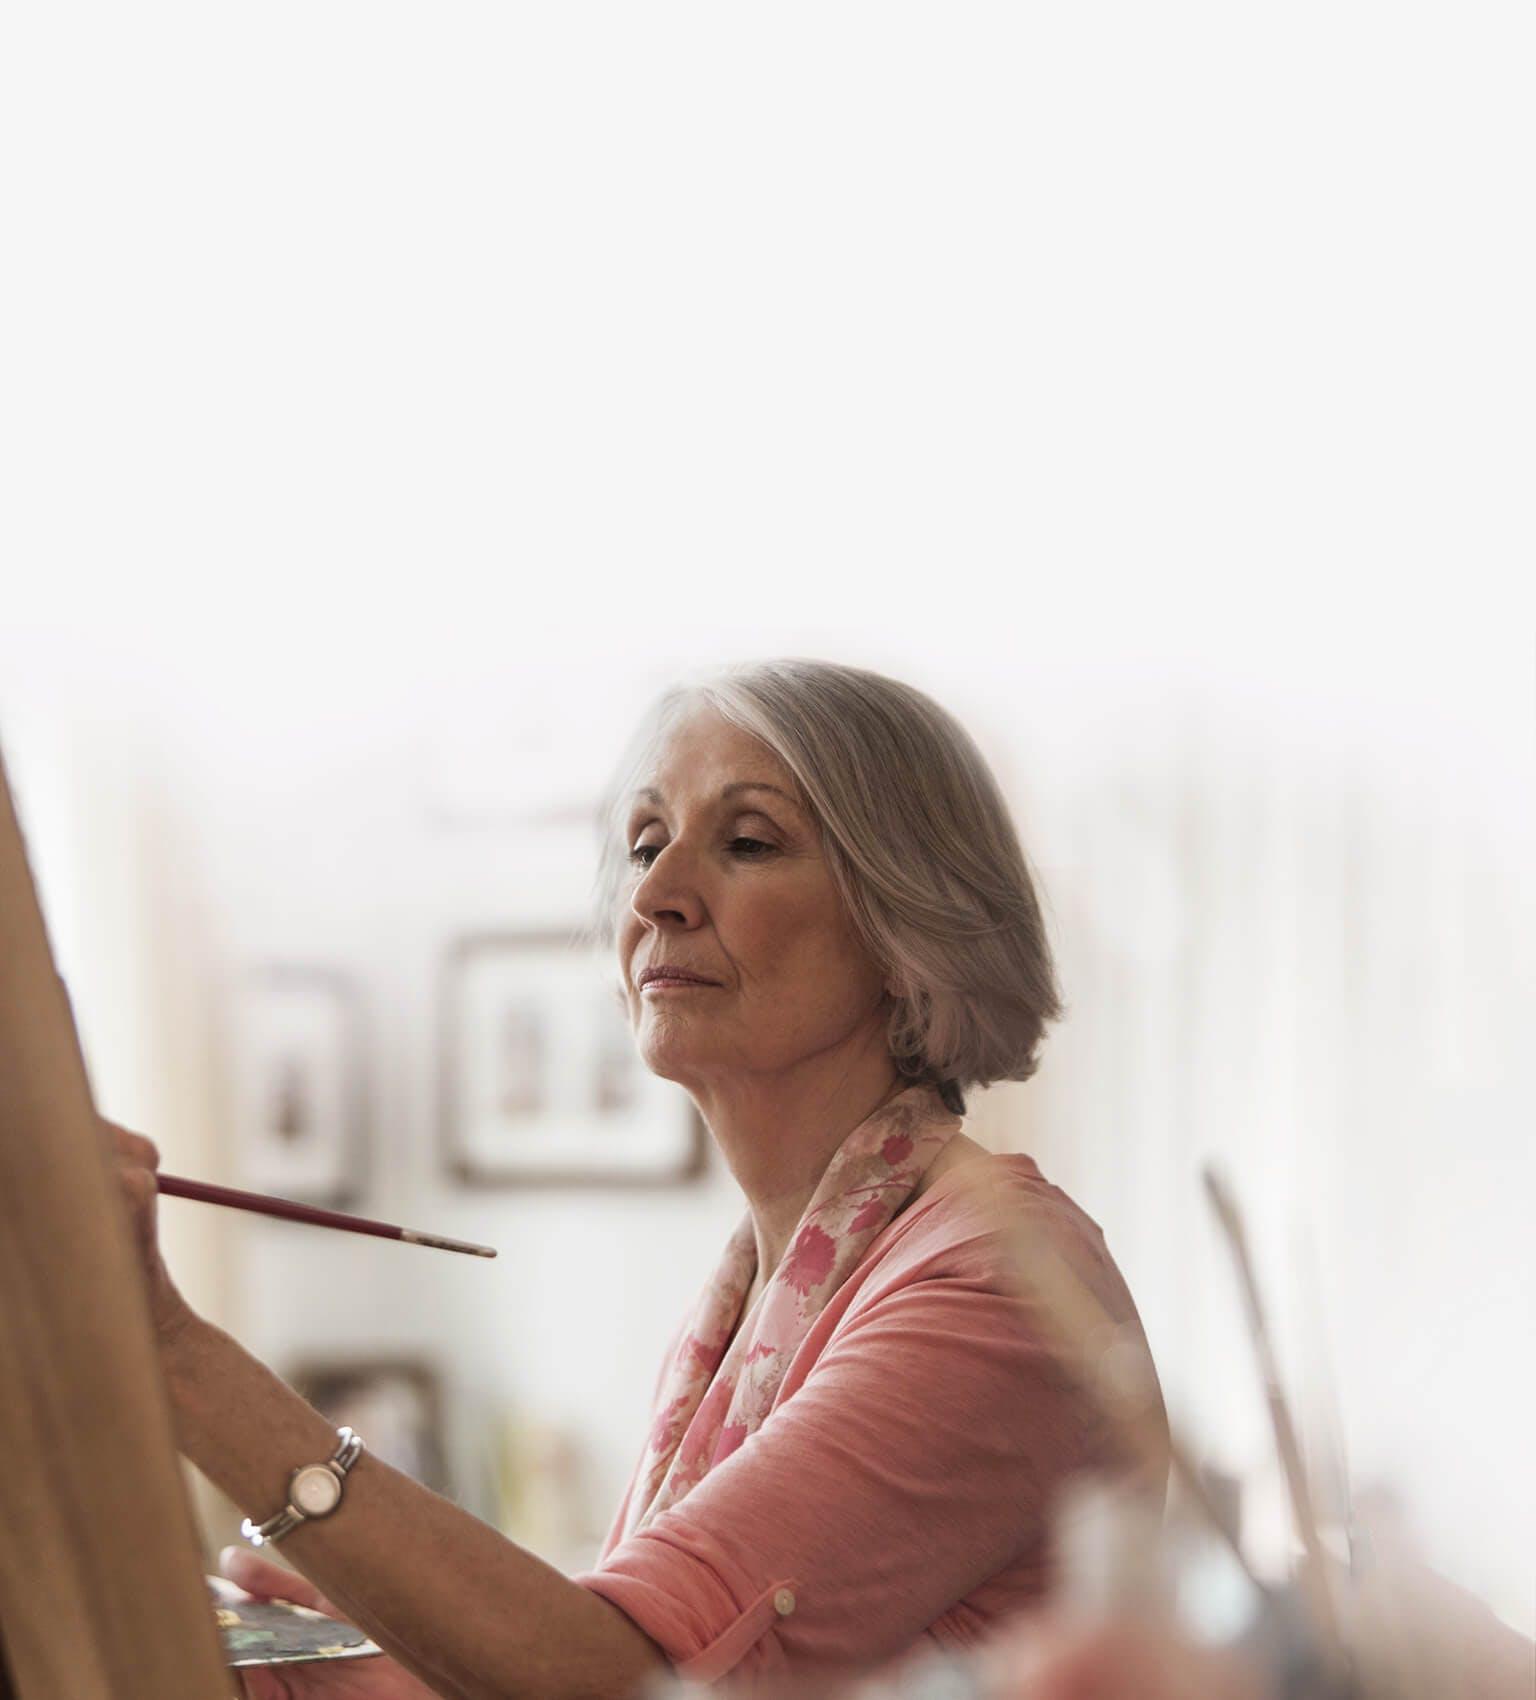 Imagen de mujer pintando